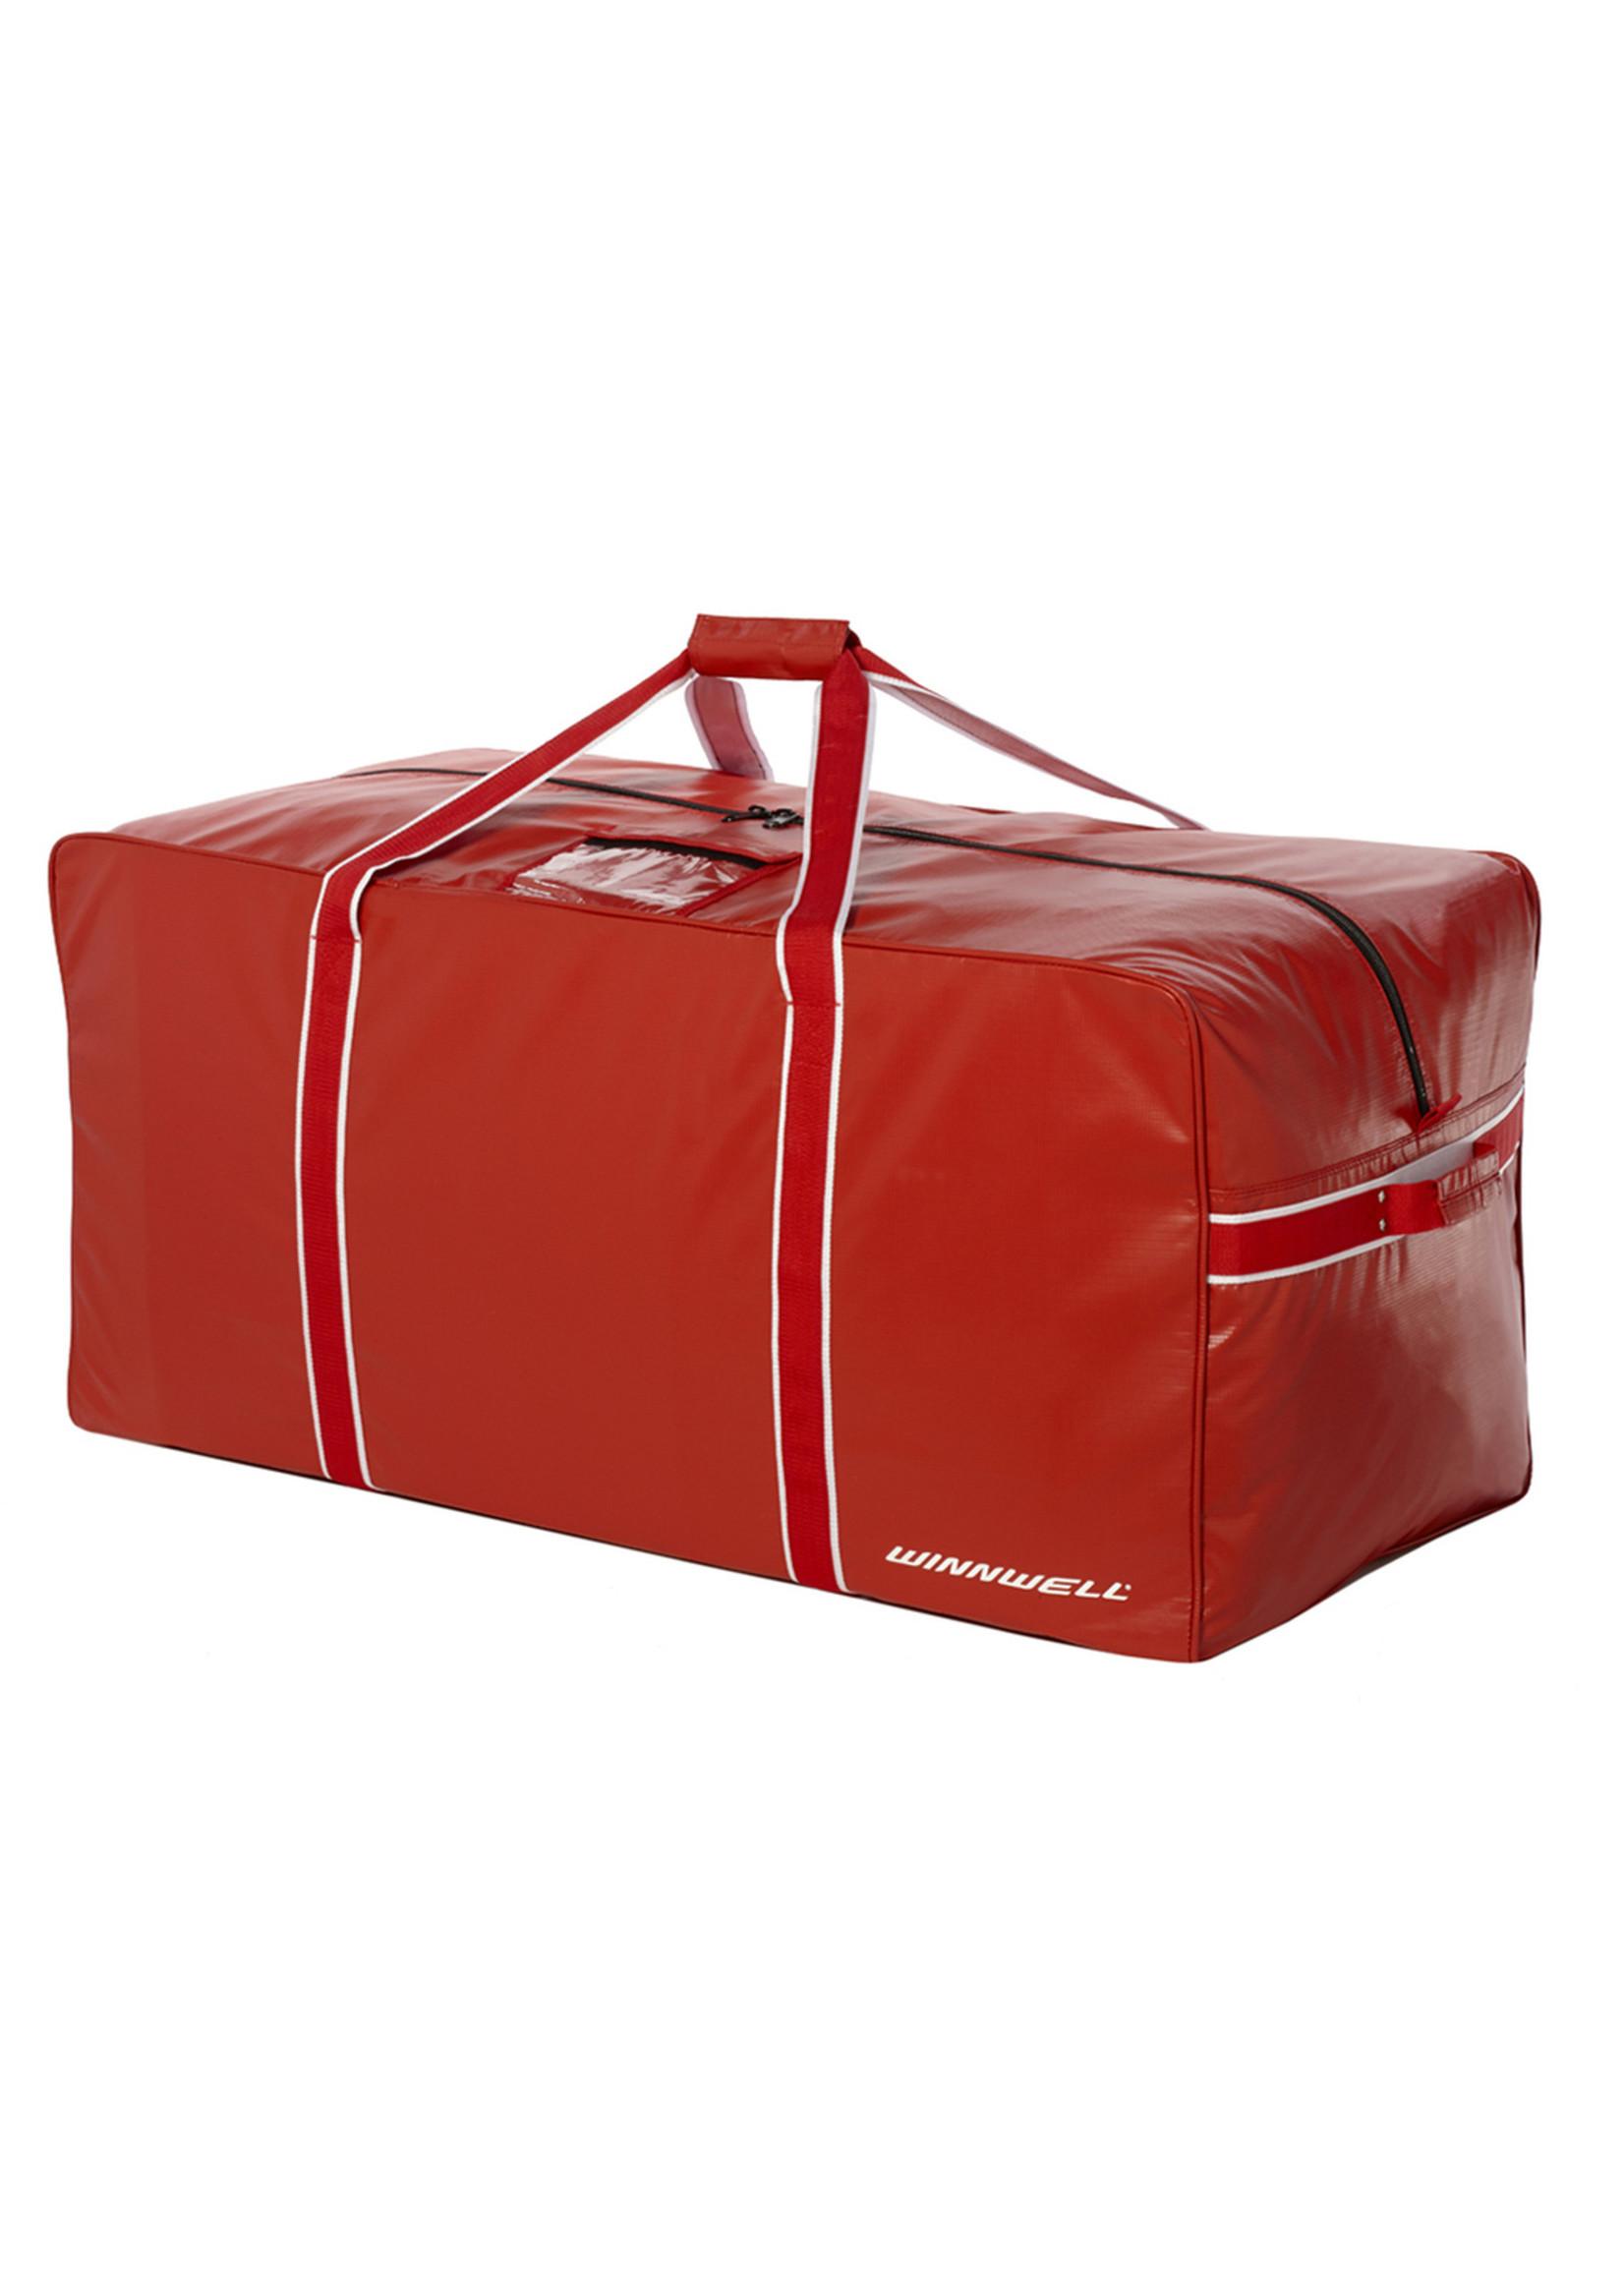 WINNWELL WINNWELL CLASSIC TEAM CARRY JR HOCKEY BAG